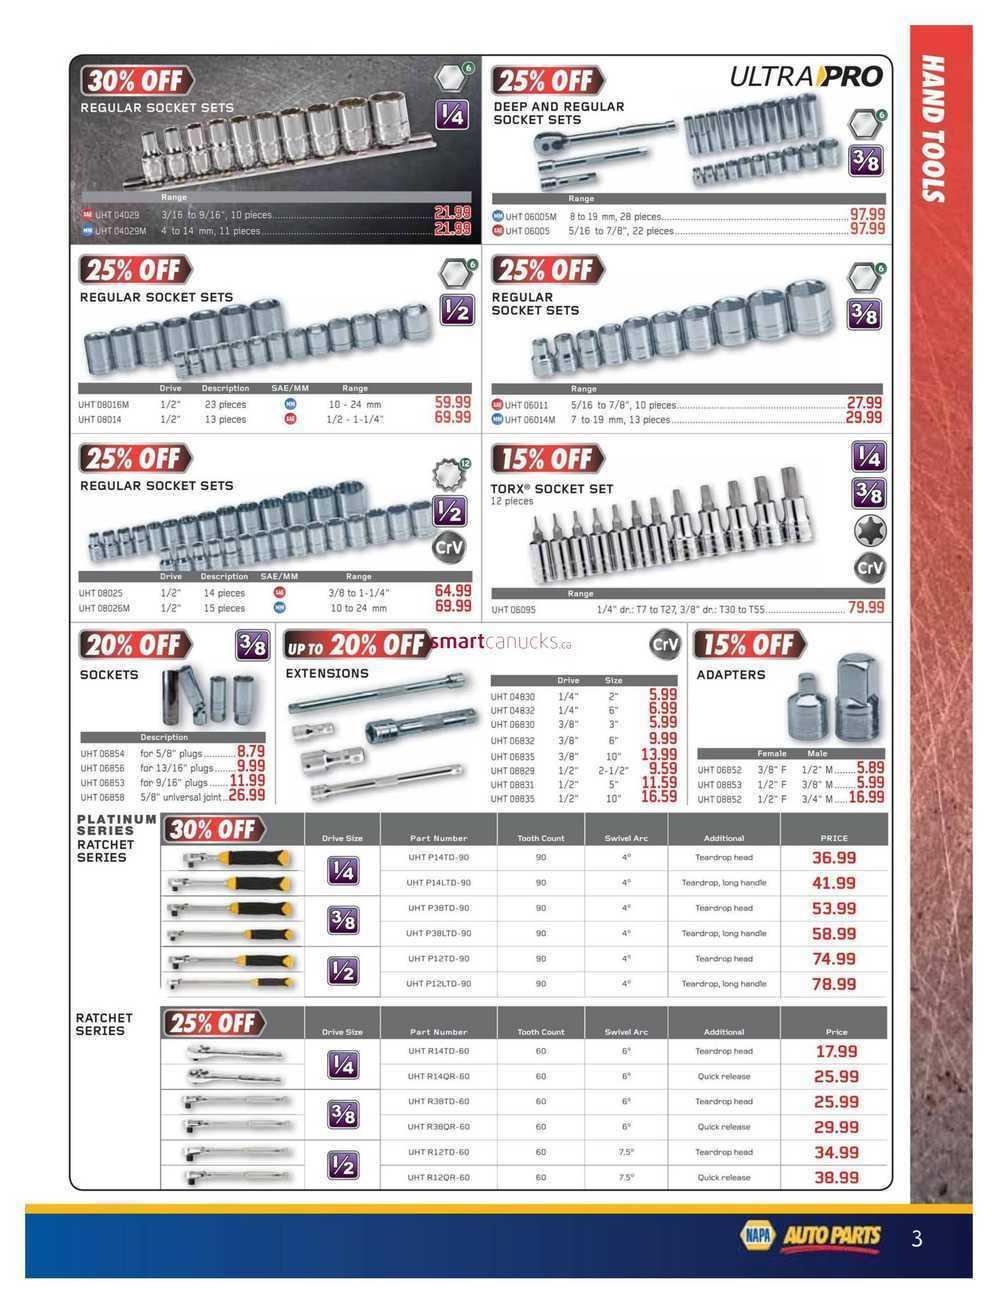 NAPA Auto Parts Real Deals Catalogue May 1 to June 30